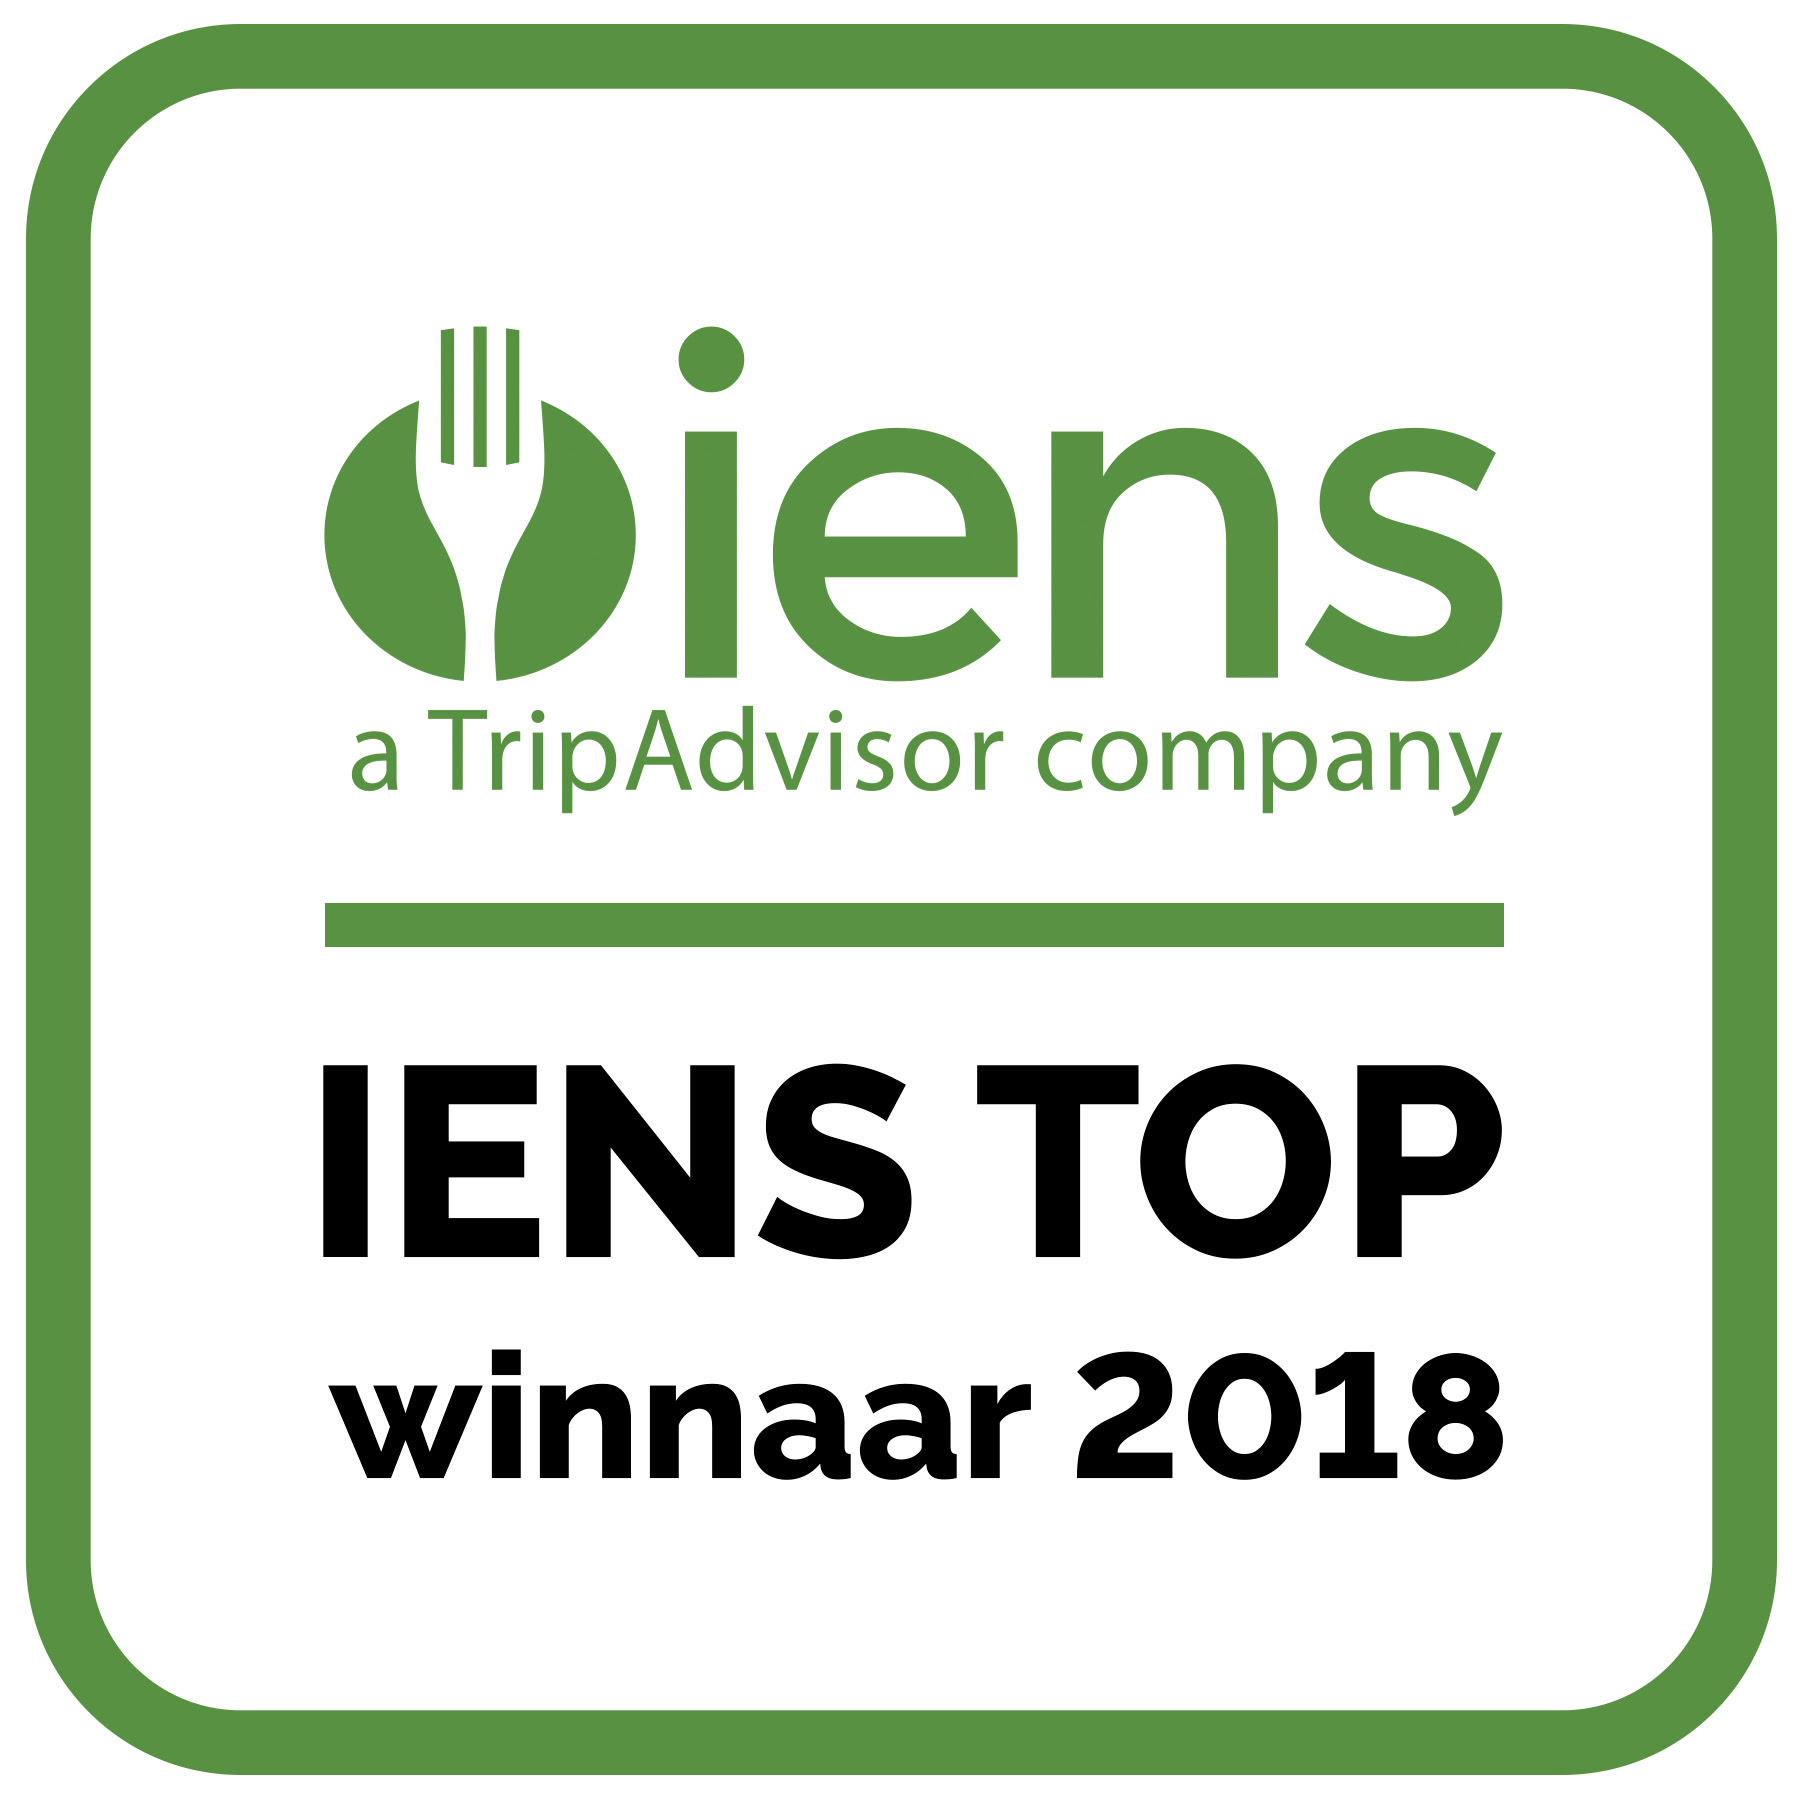 http://storage.pardot.com/151831/112776/IENS_TOP_2018_Logo.jpg